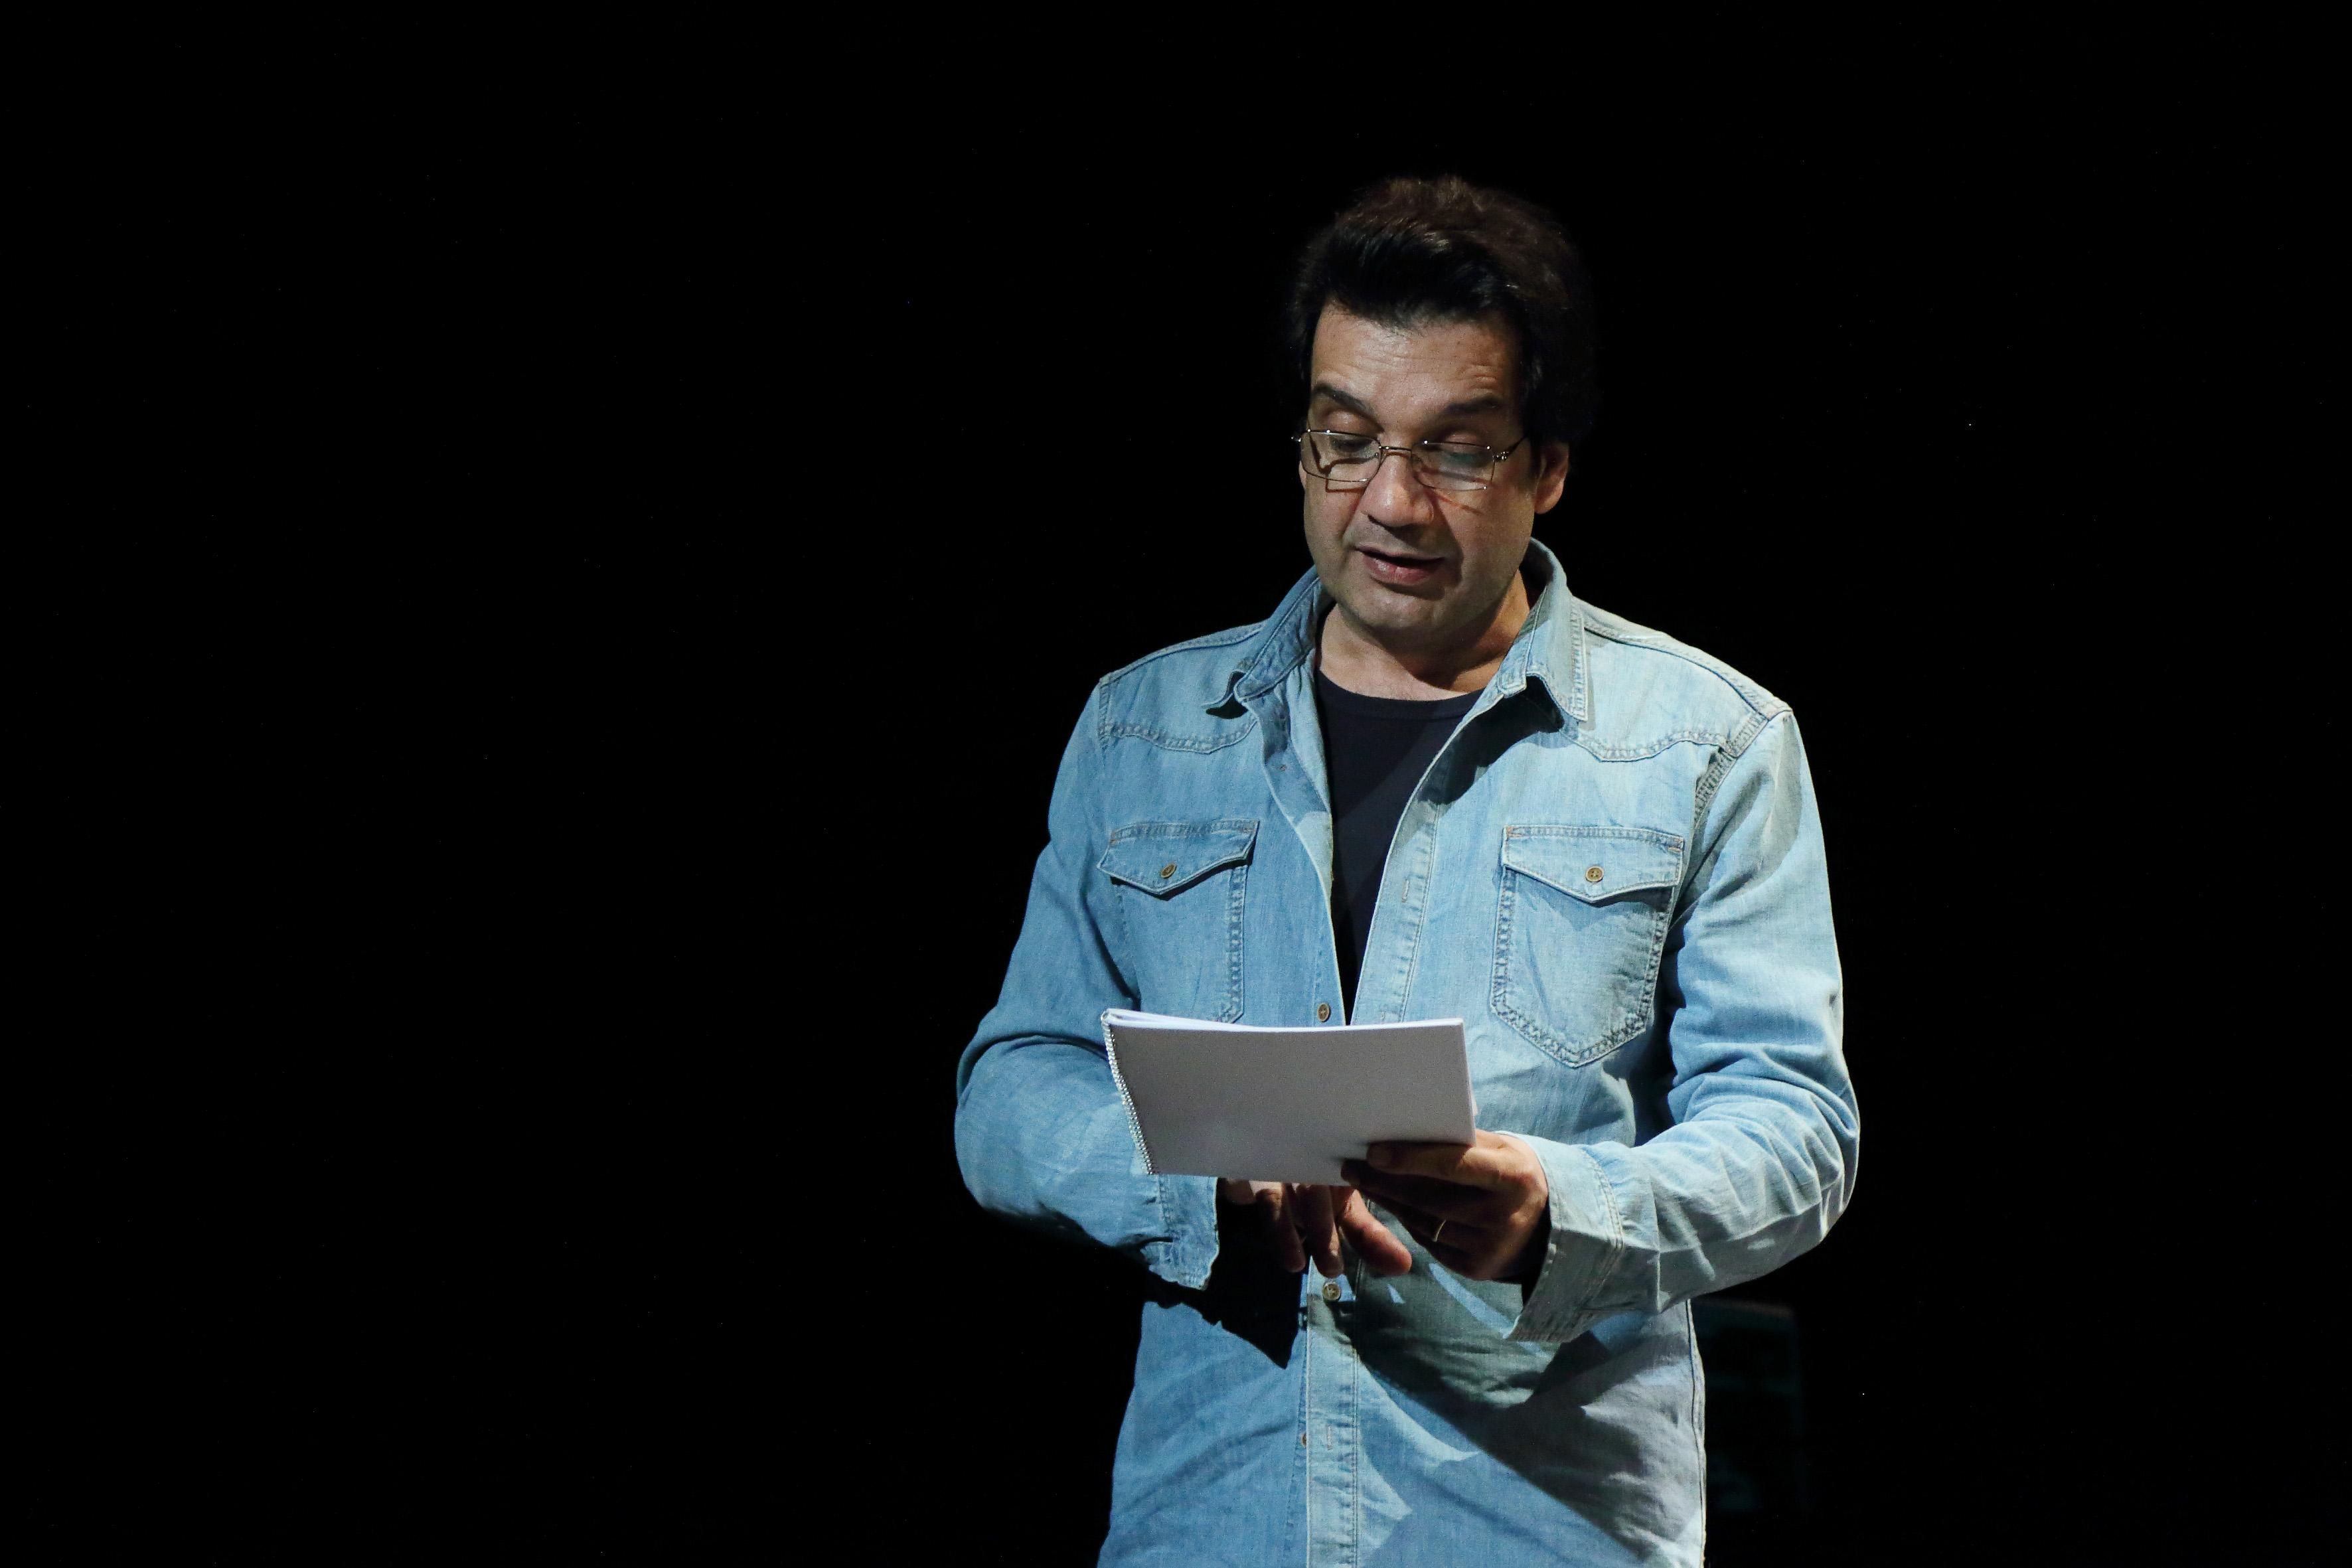 'جادوی گفتار' اثر جدید آرش آبسالان را بهتر بشناسیم